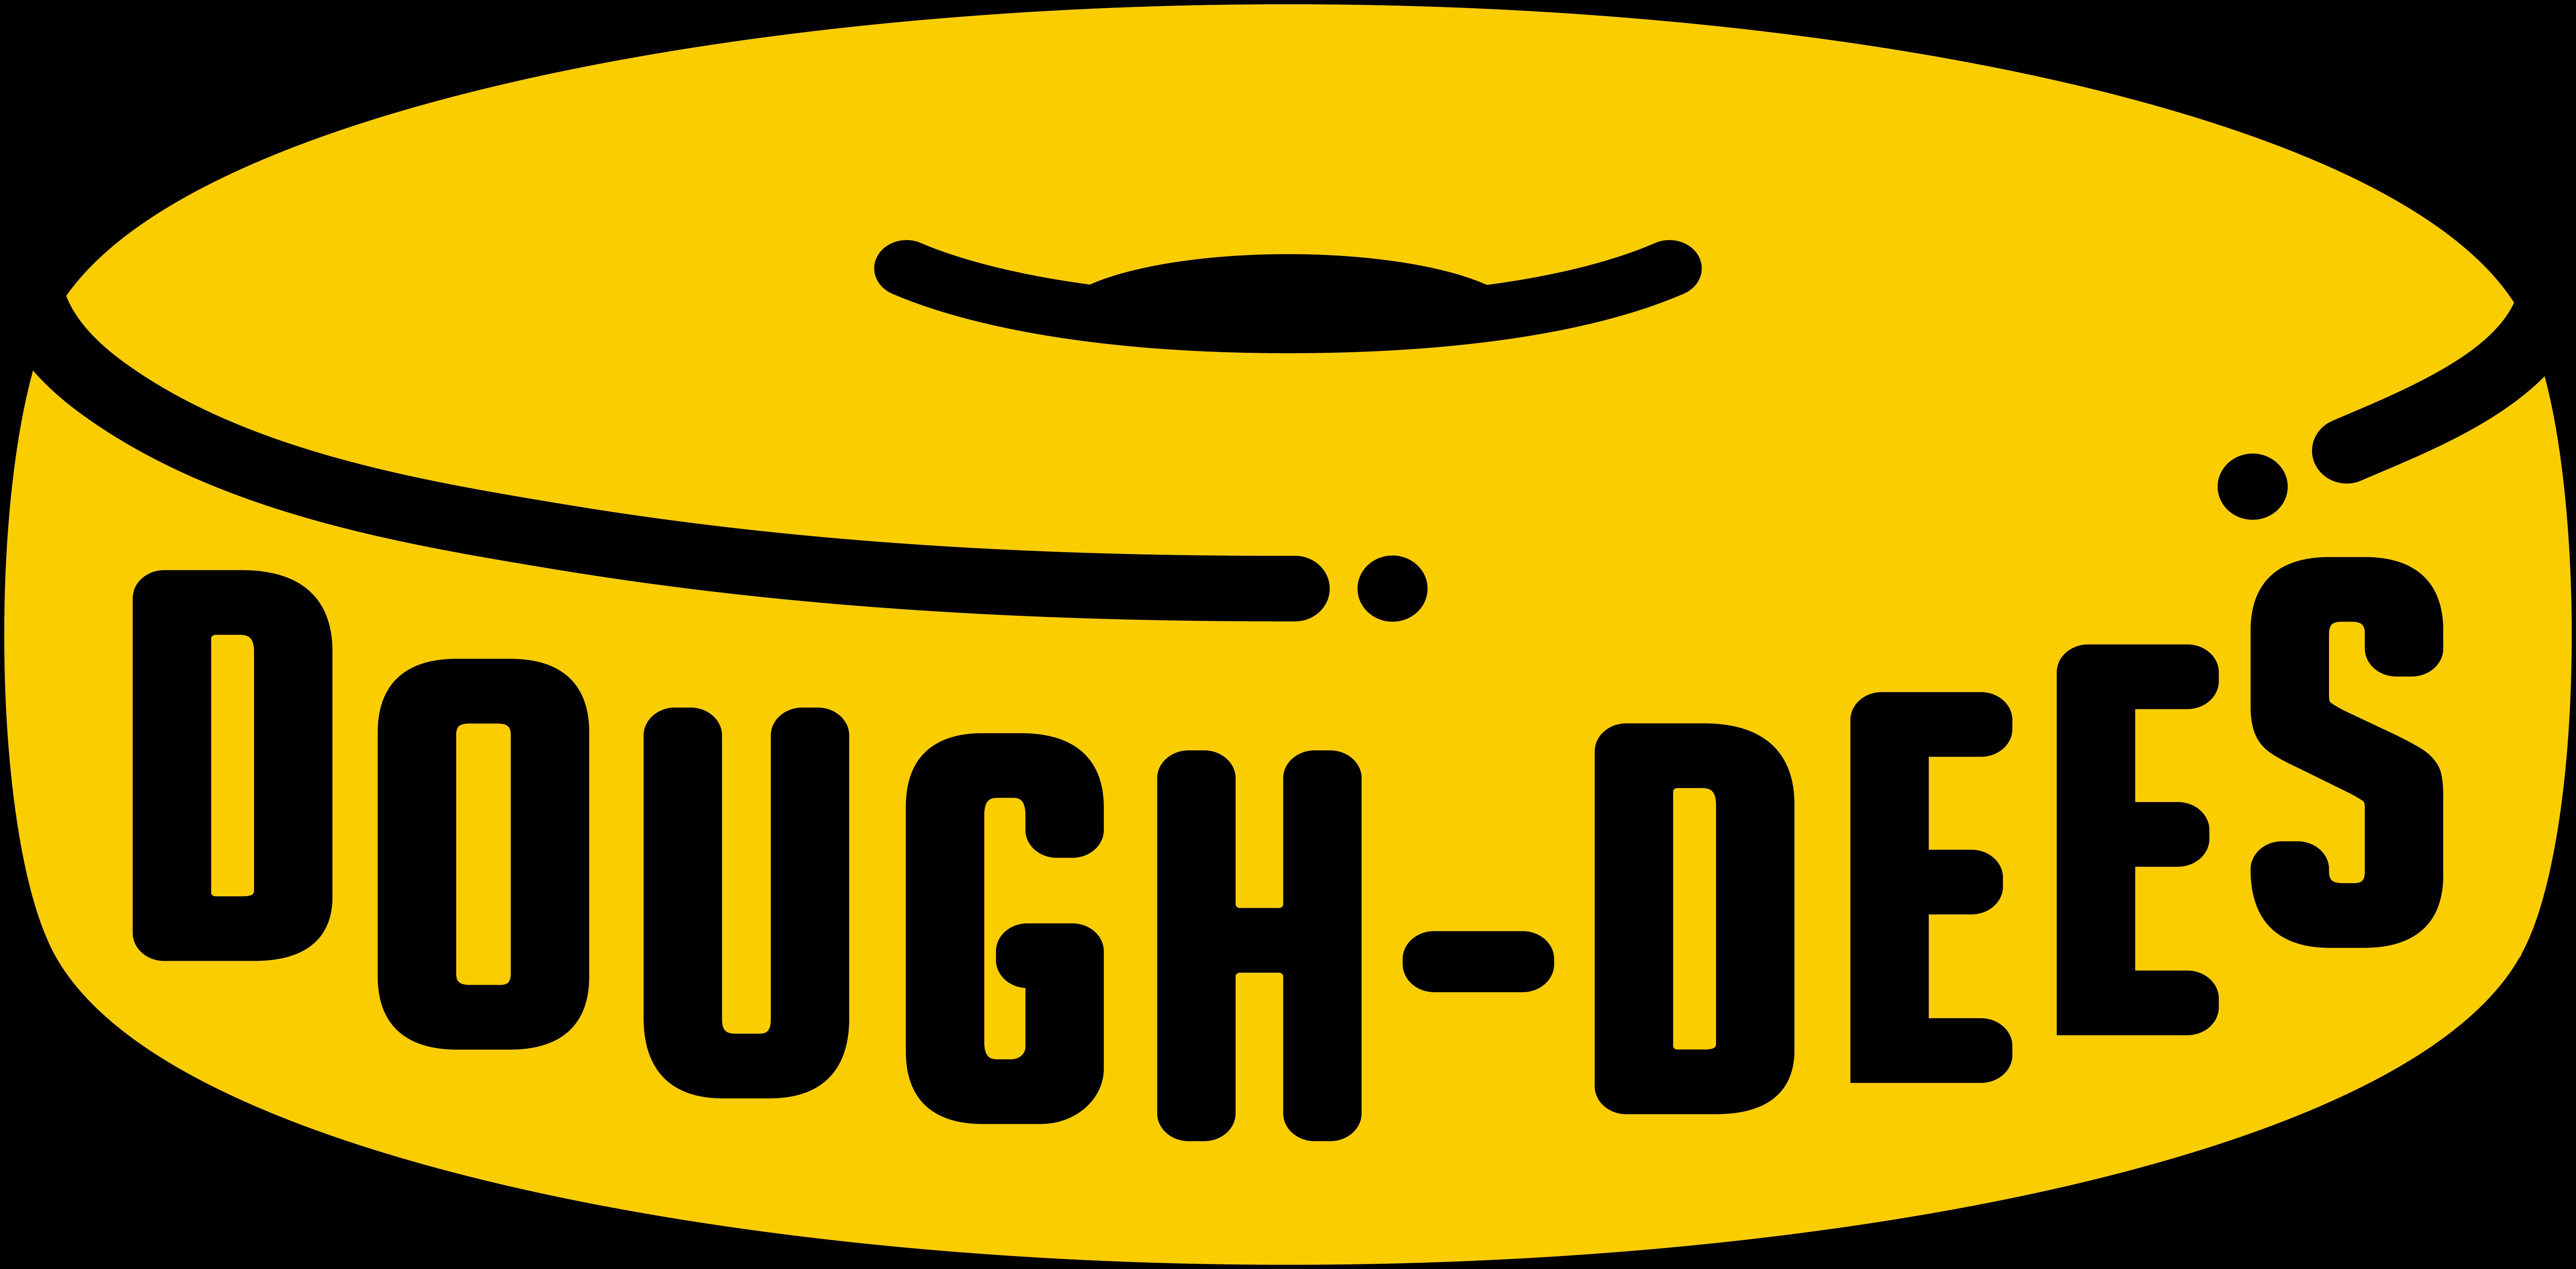 Doughdees